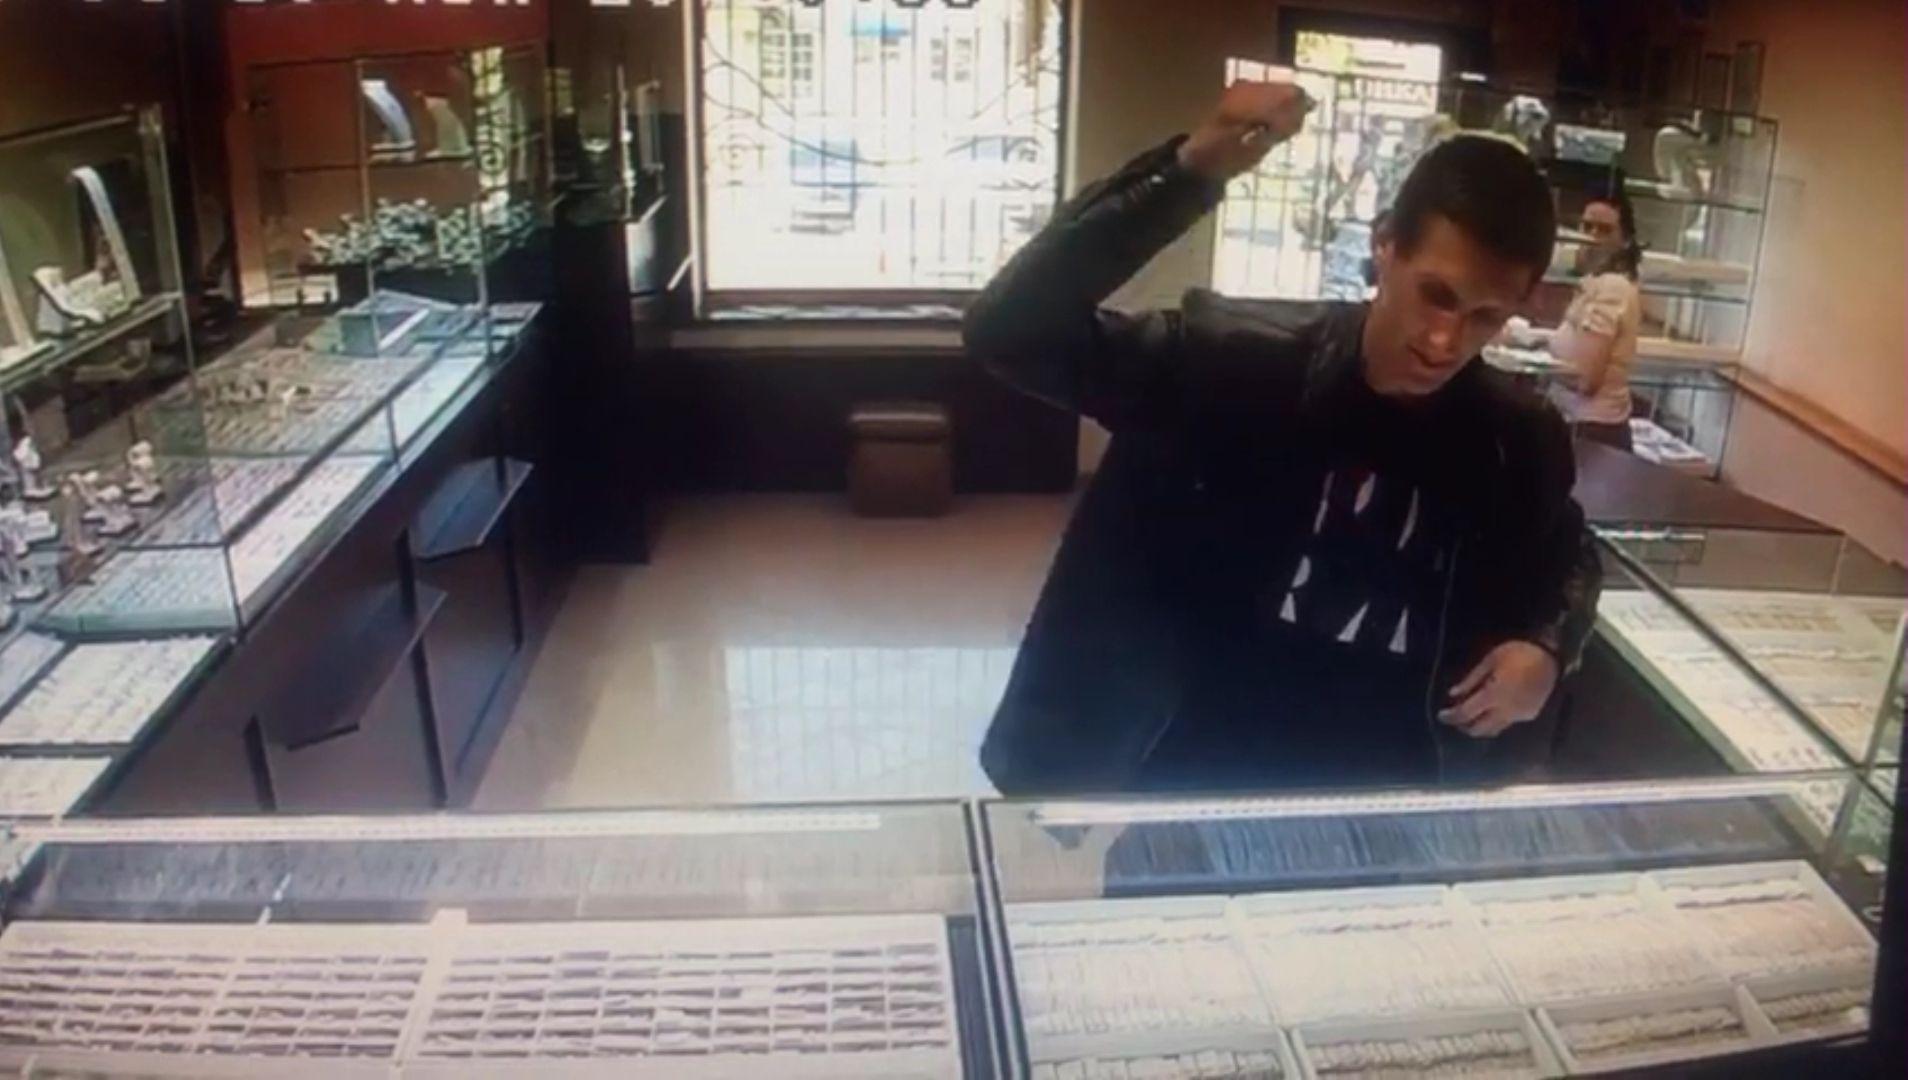 ВКраснодаре задержали 23-летнего рецидивиста, ограбившего ювелирный магазин